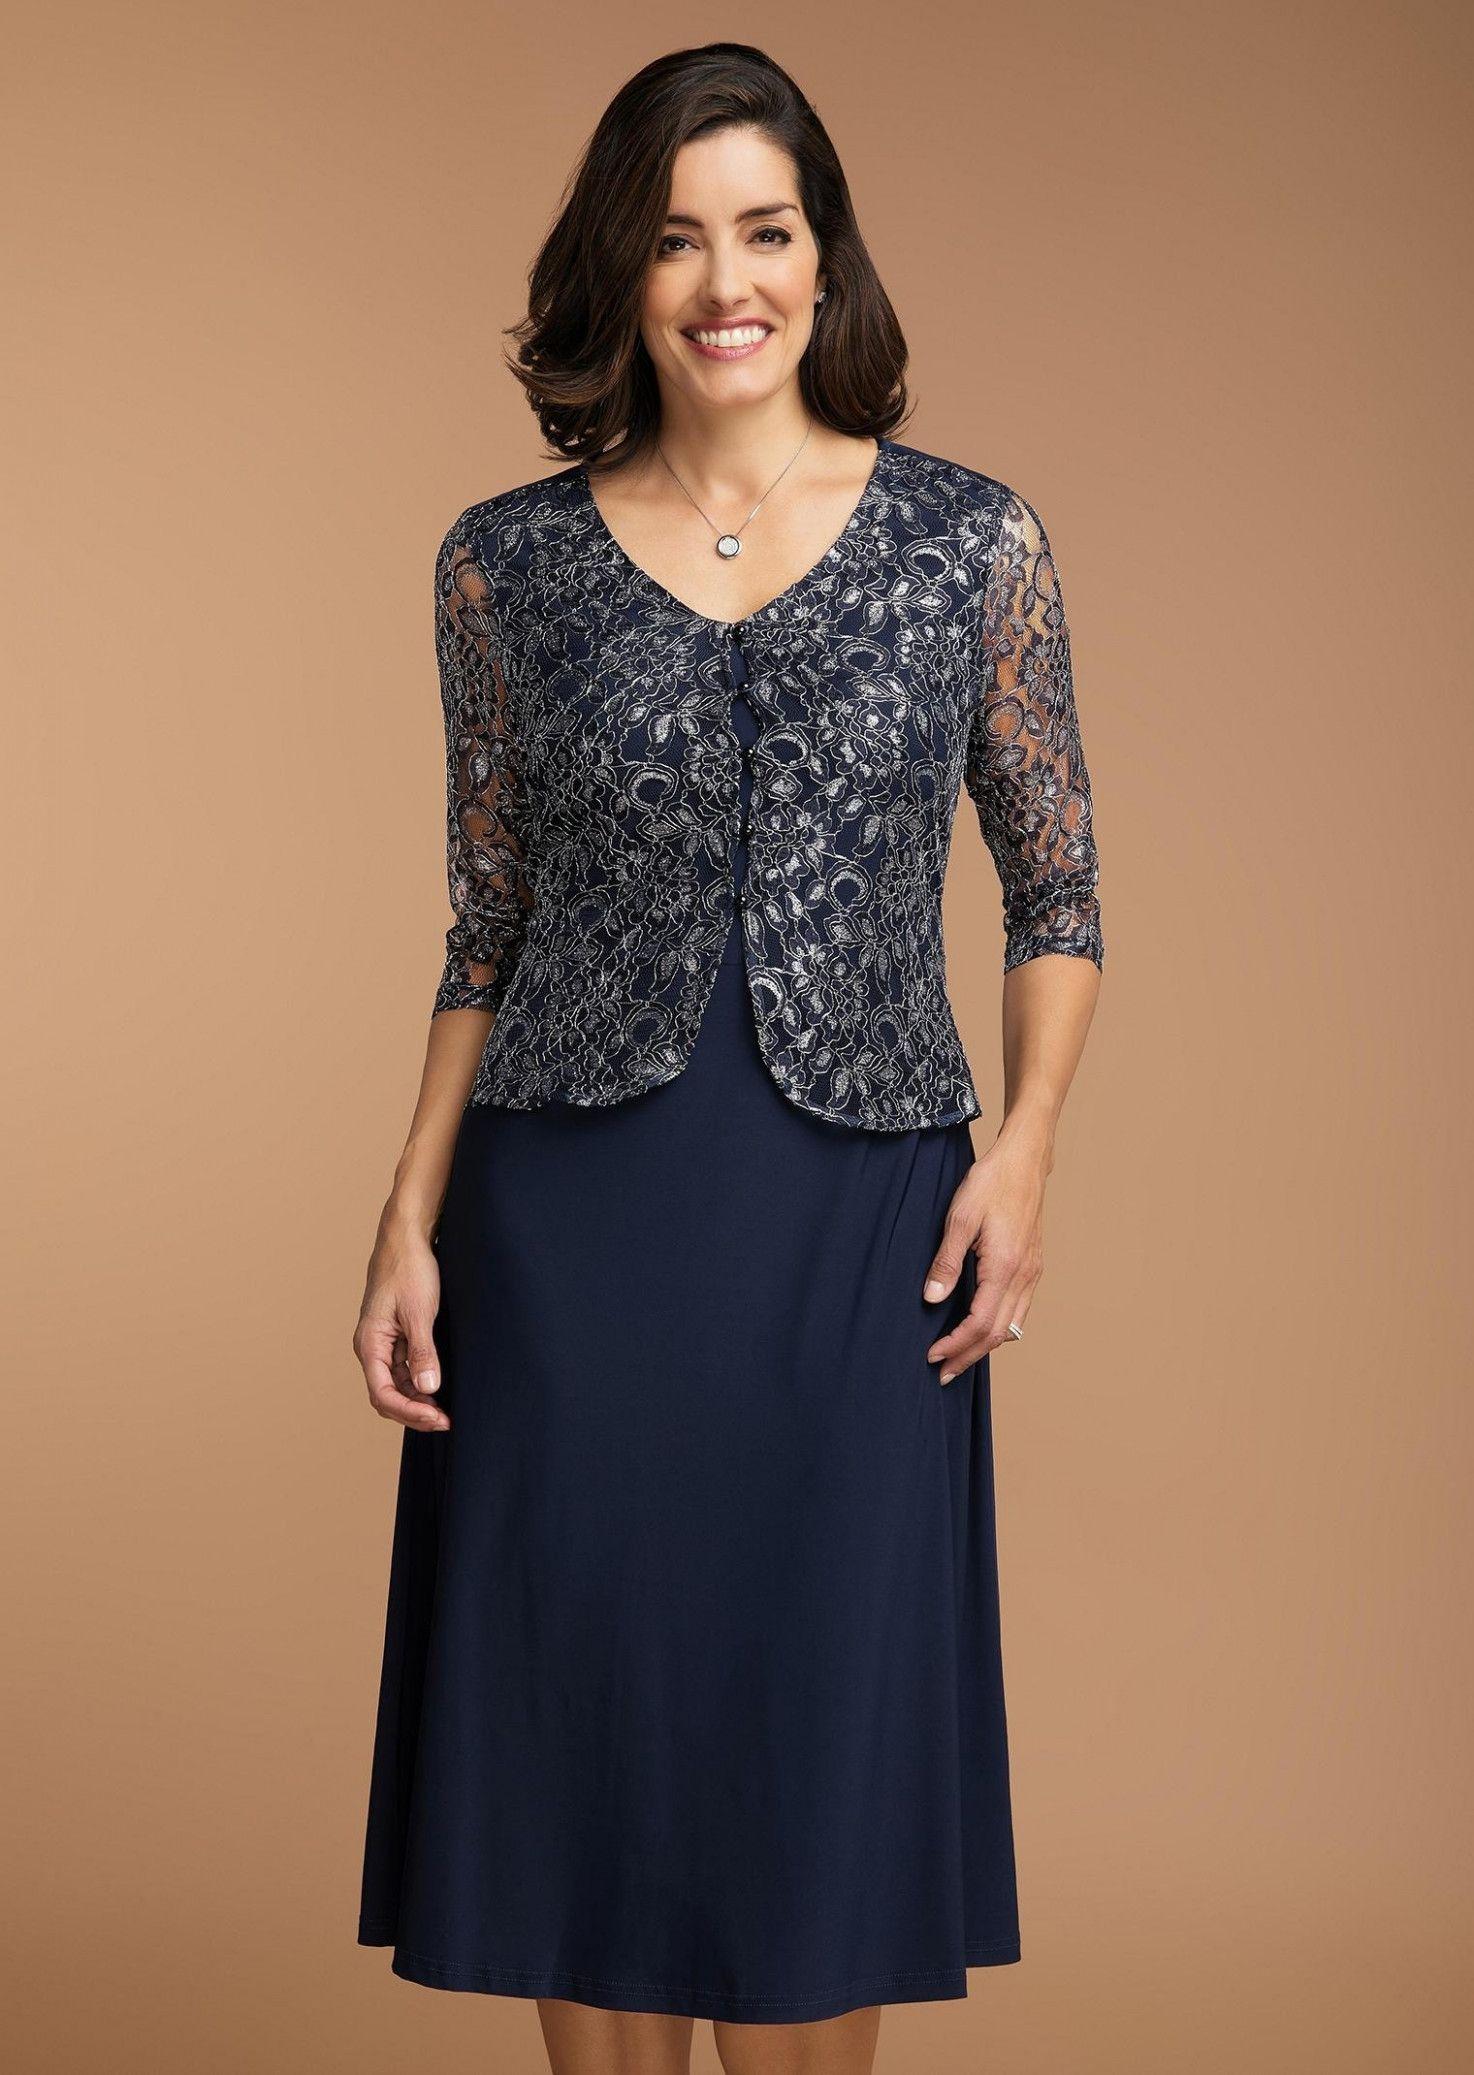 14 elegante kleider größe 48 | elegante kleider, kleider